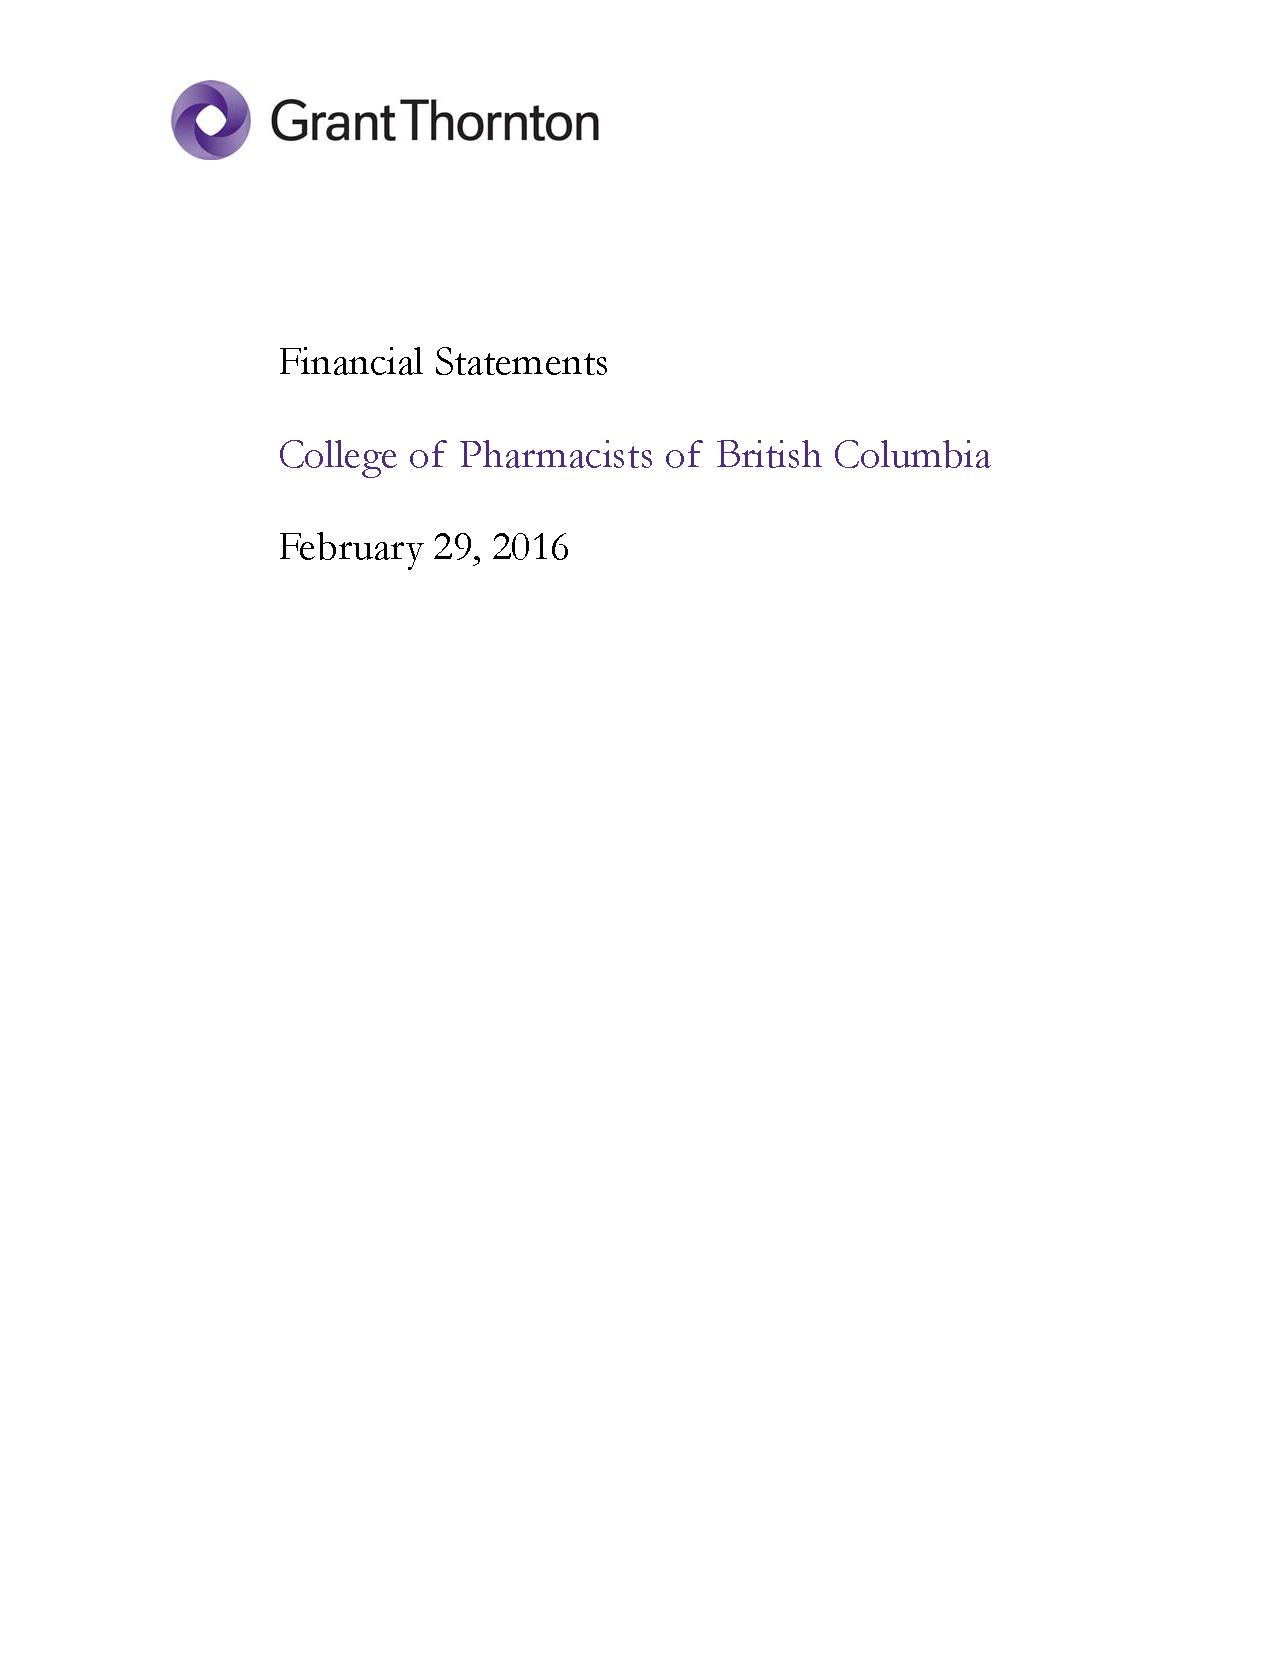 CPBC_Financials_01